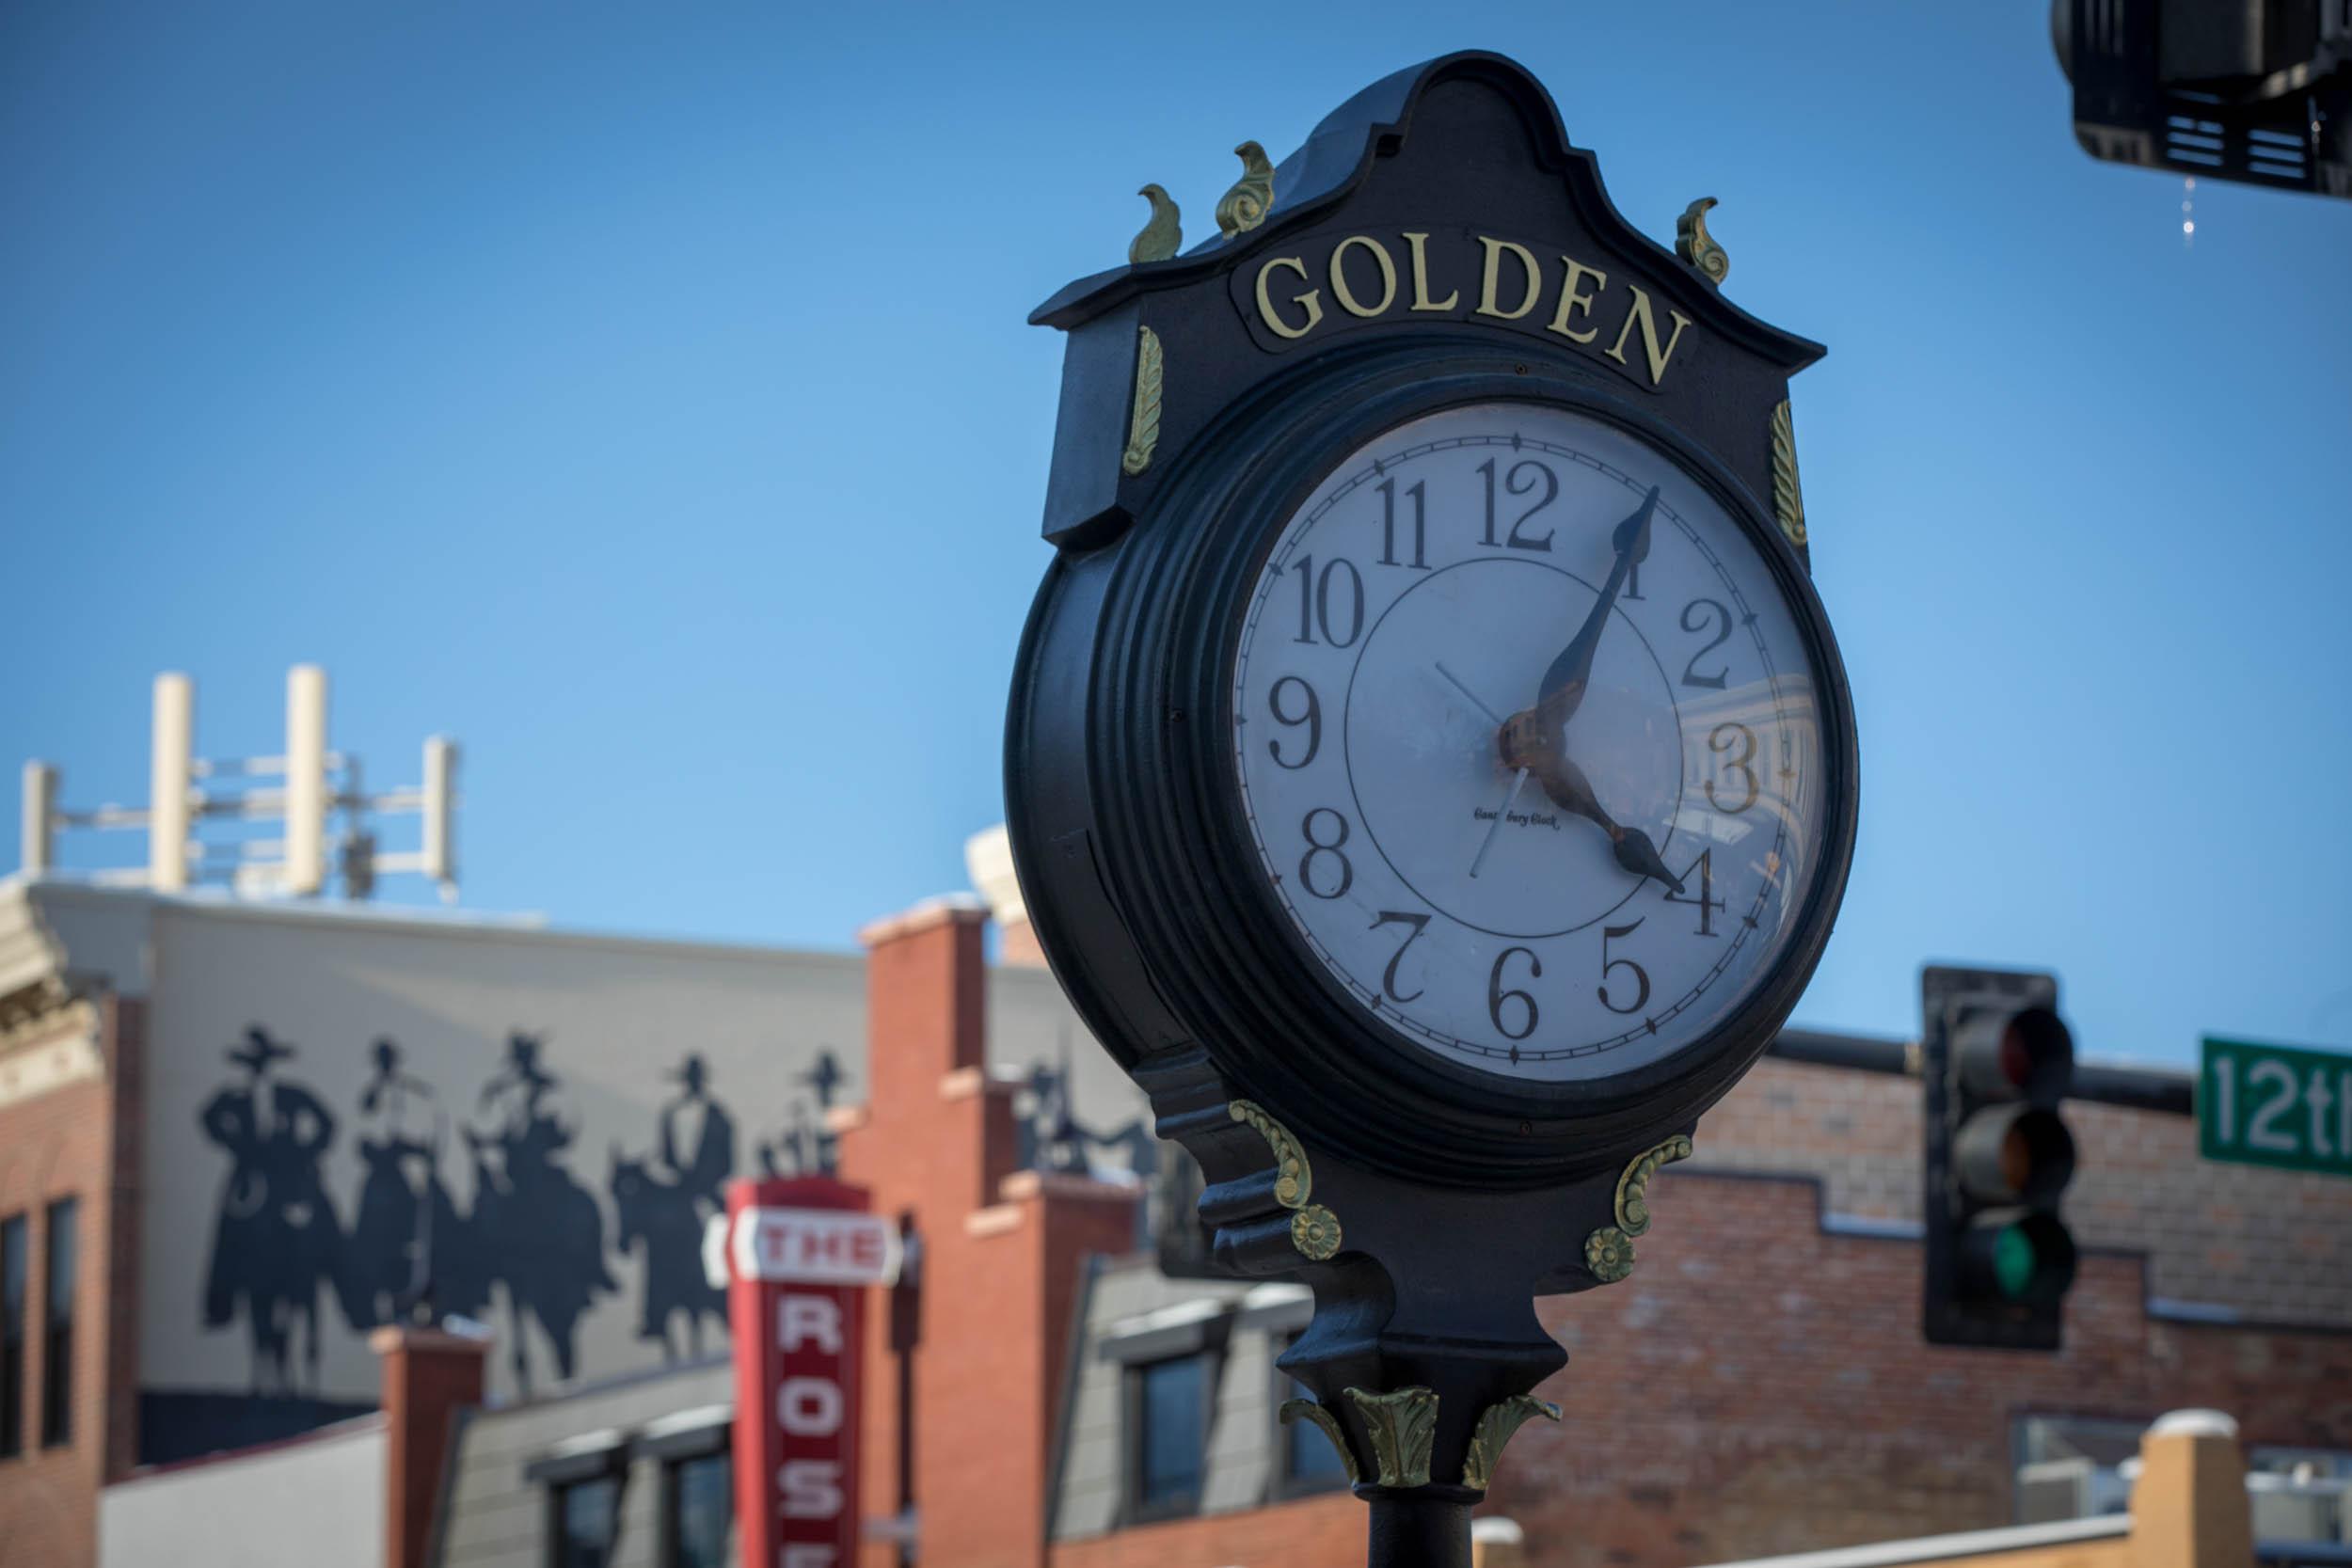 Downtown Golden